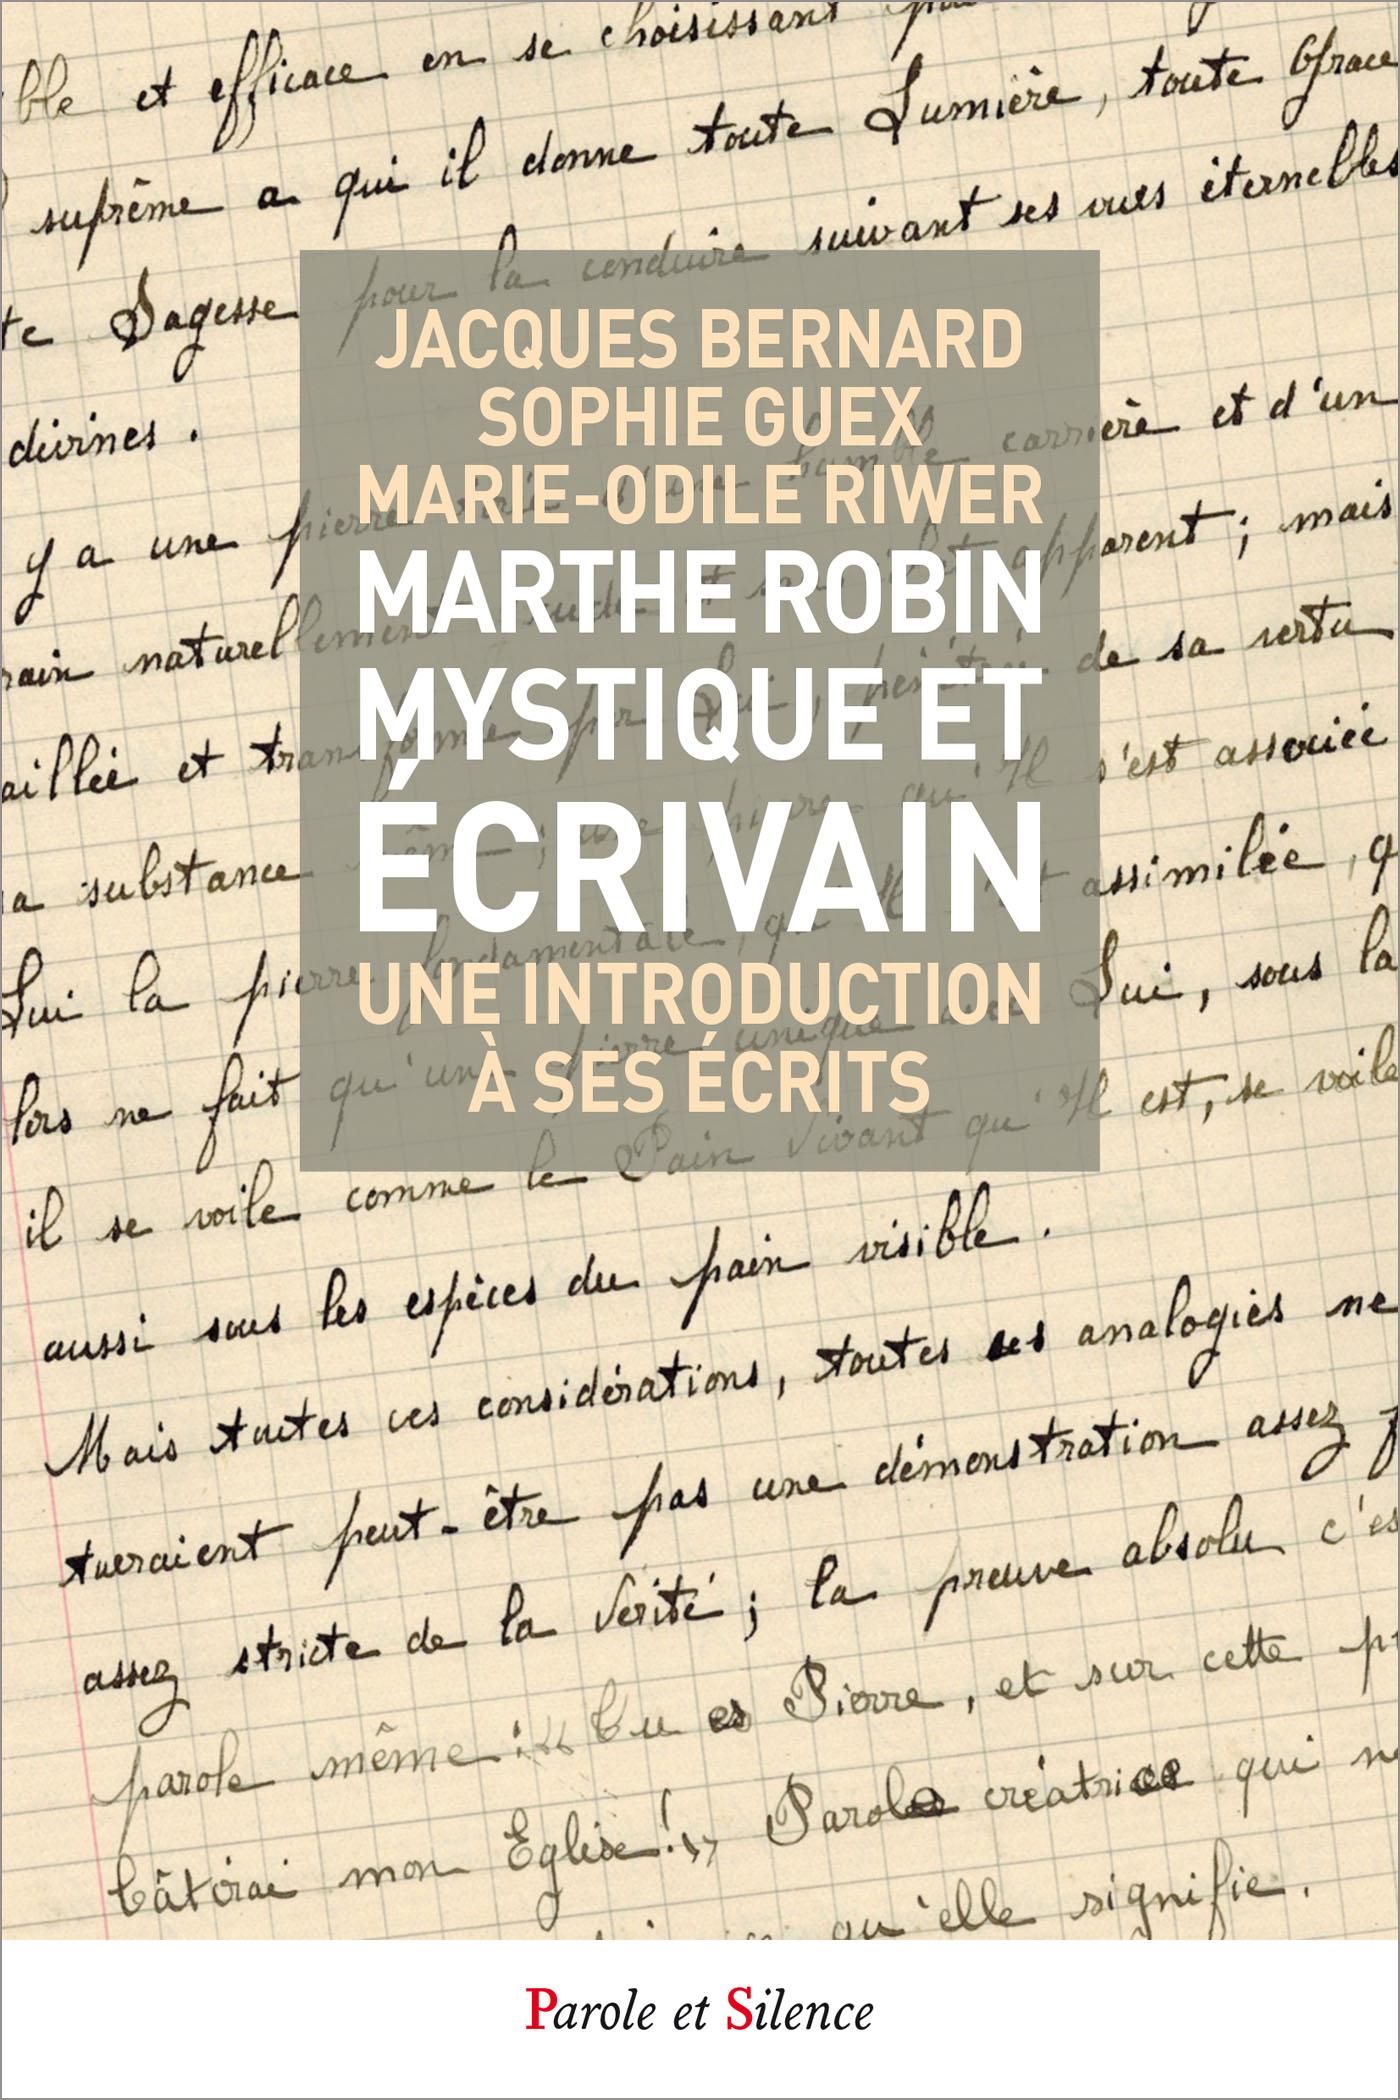 Marthe Robin, mystique et écrivain